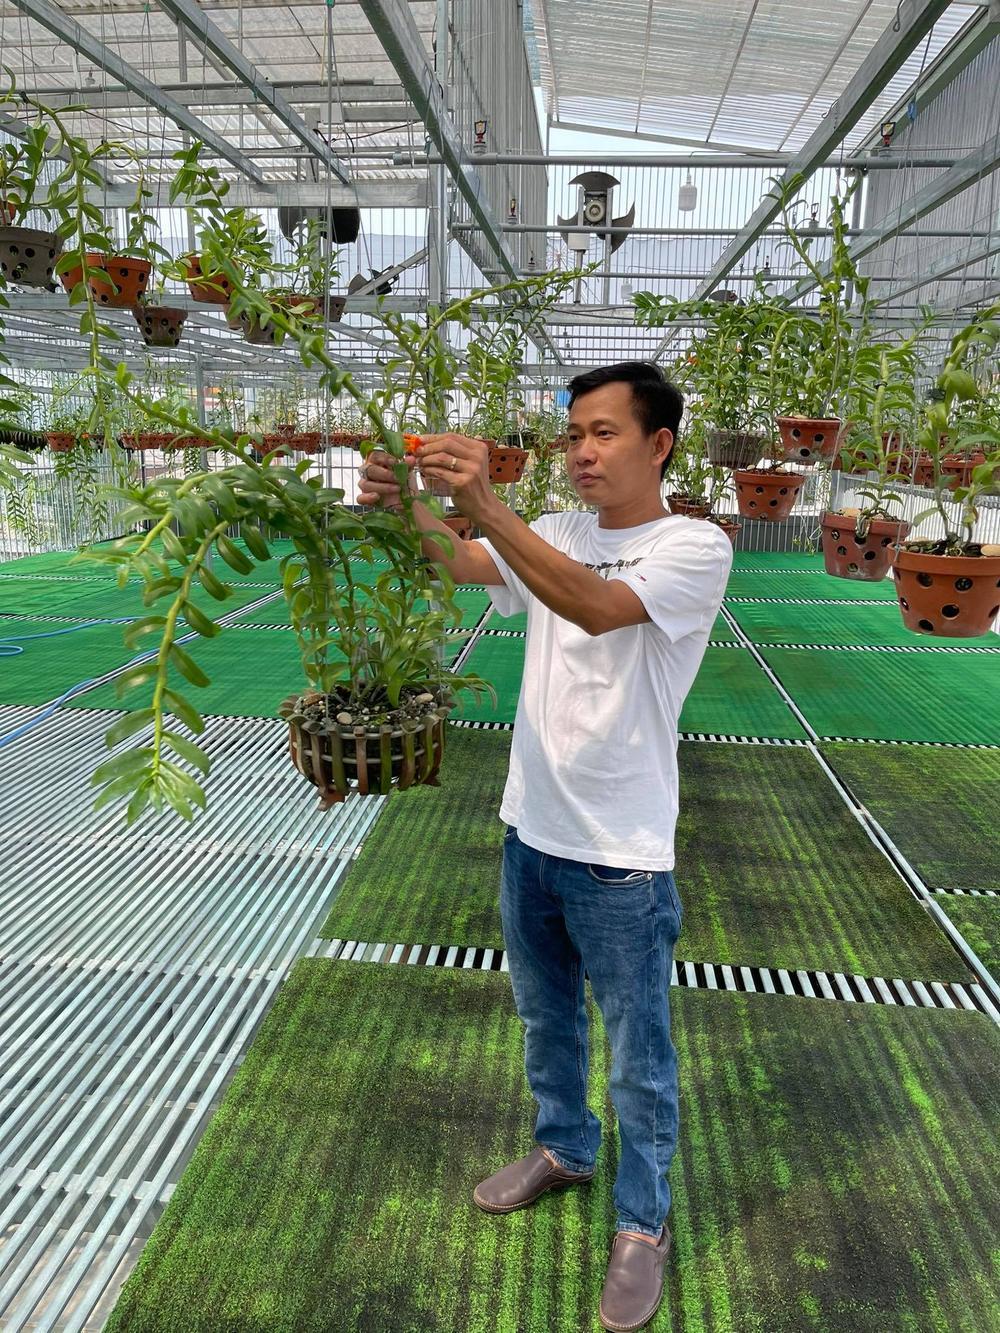 Phạm Minh Minh: Ông chủ vườn lan đi từ thử thách tới thành công Ảnh 4